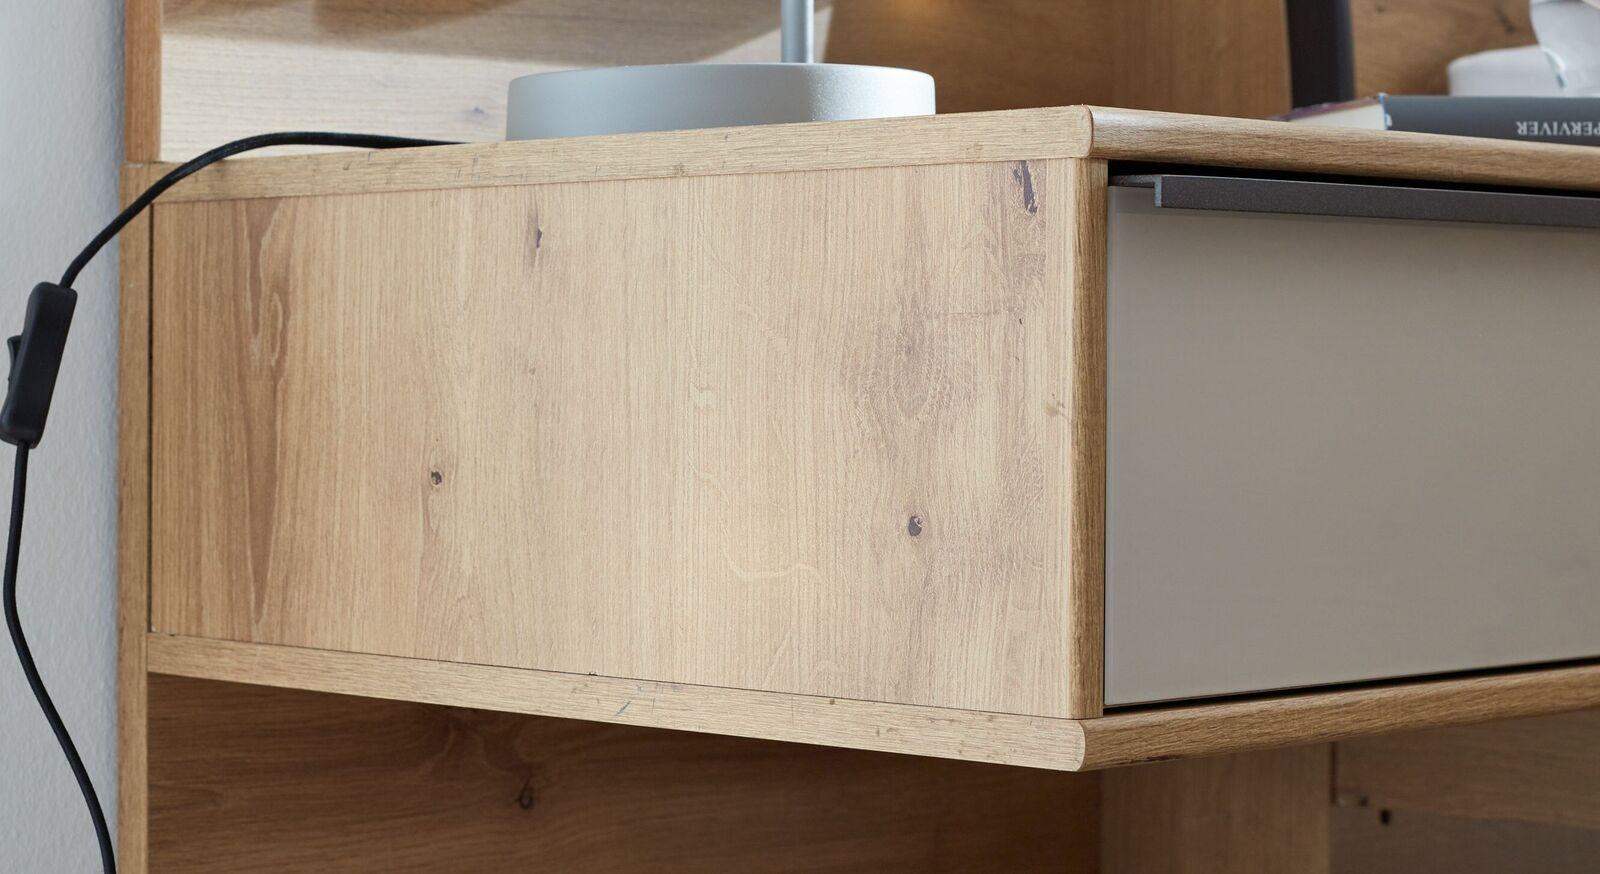 INTERLIVING Schwebe-Nachttisch 1205 mit schmaler Griffleiste